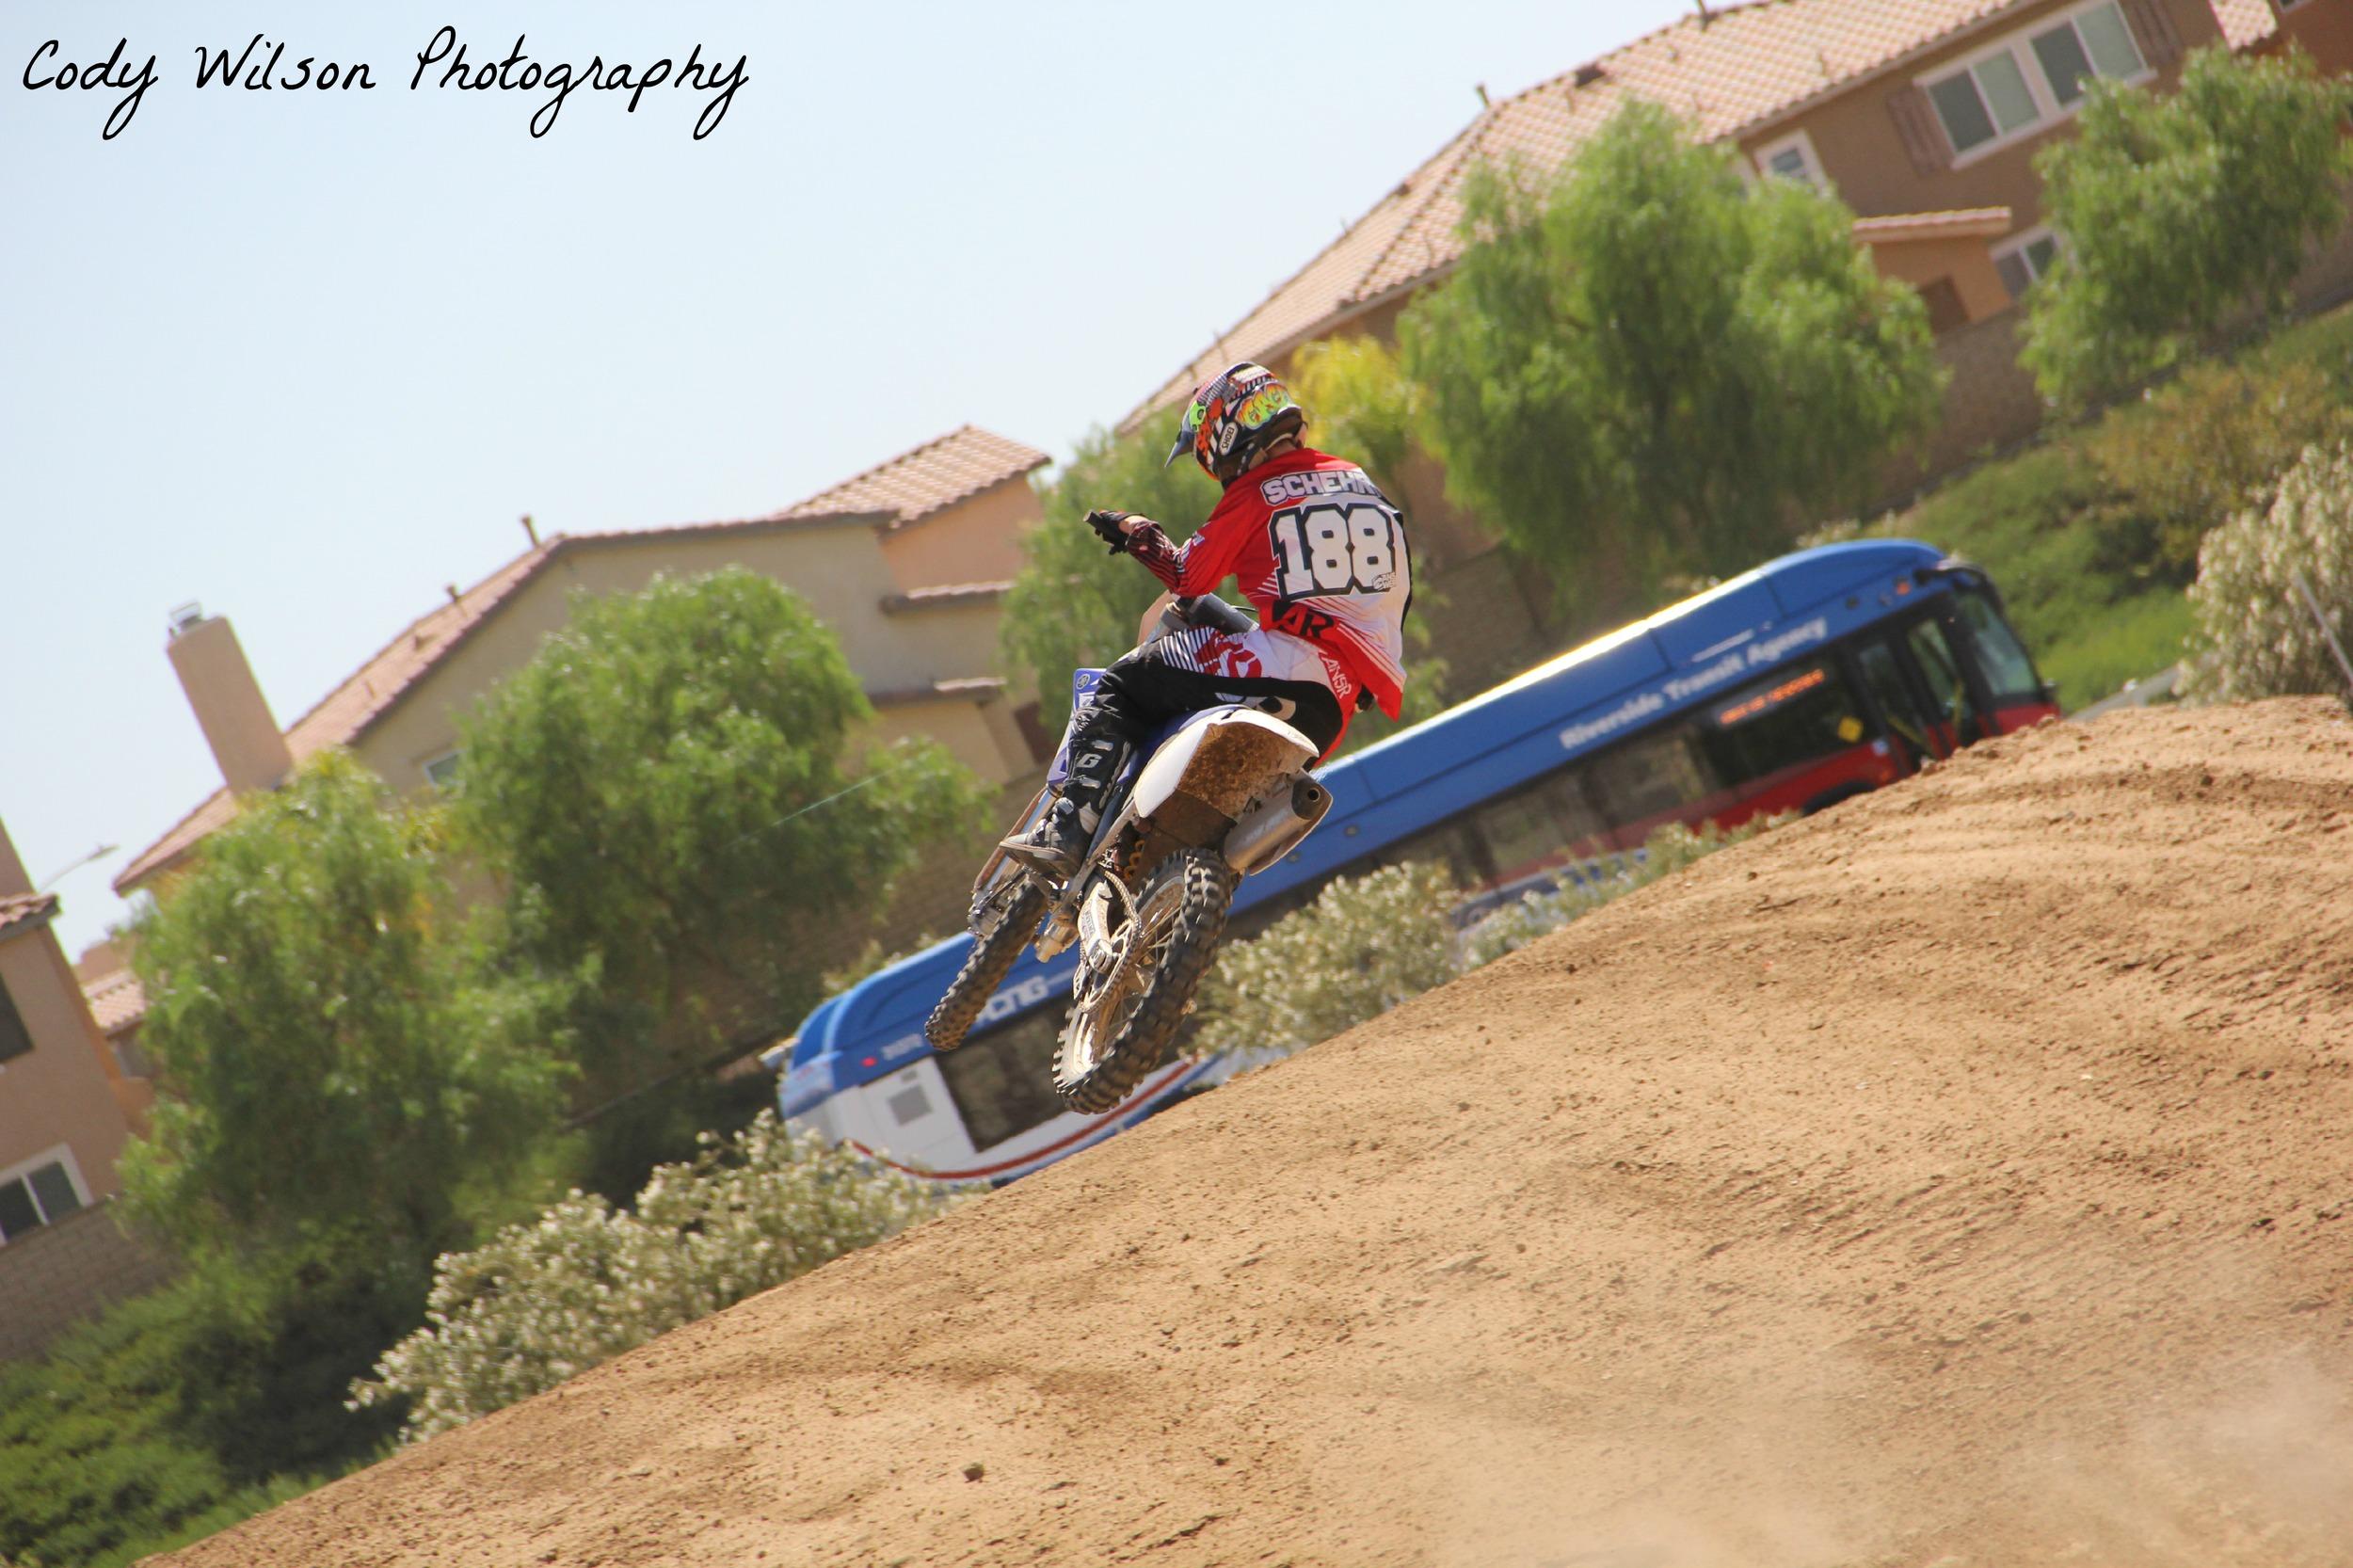 Gage Schehr rippin on his YZ125